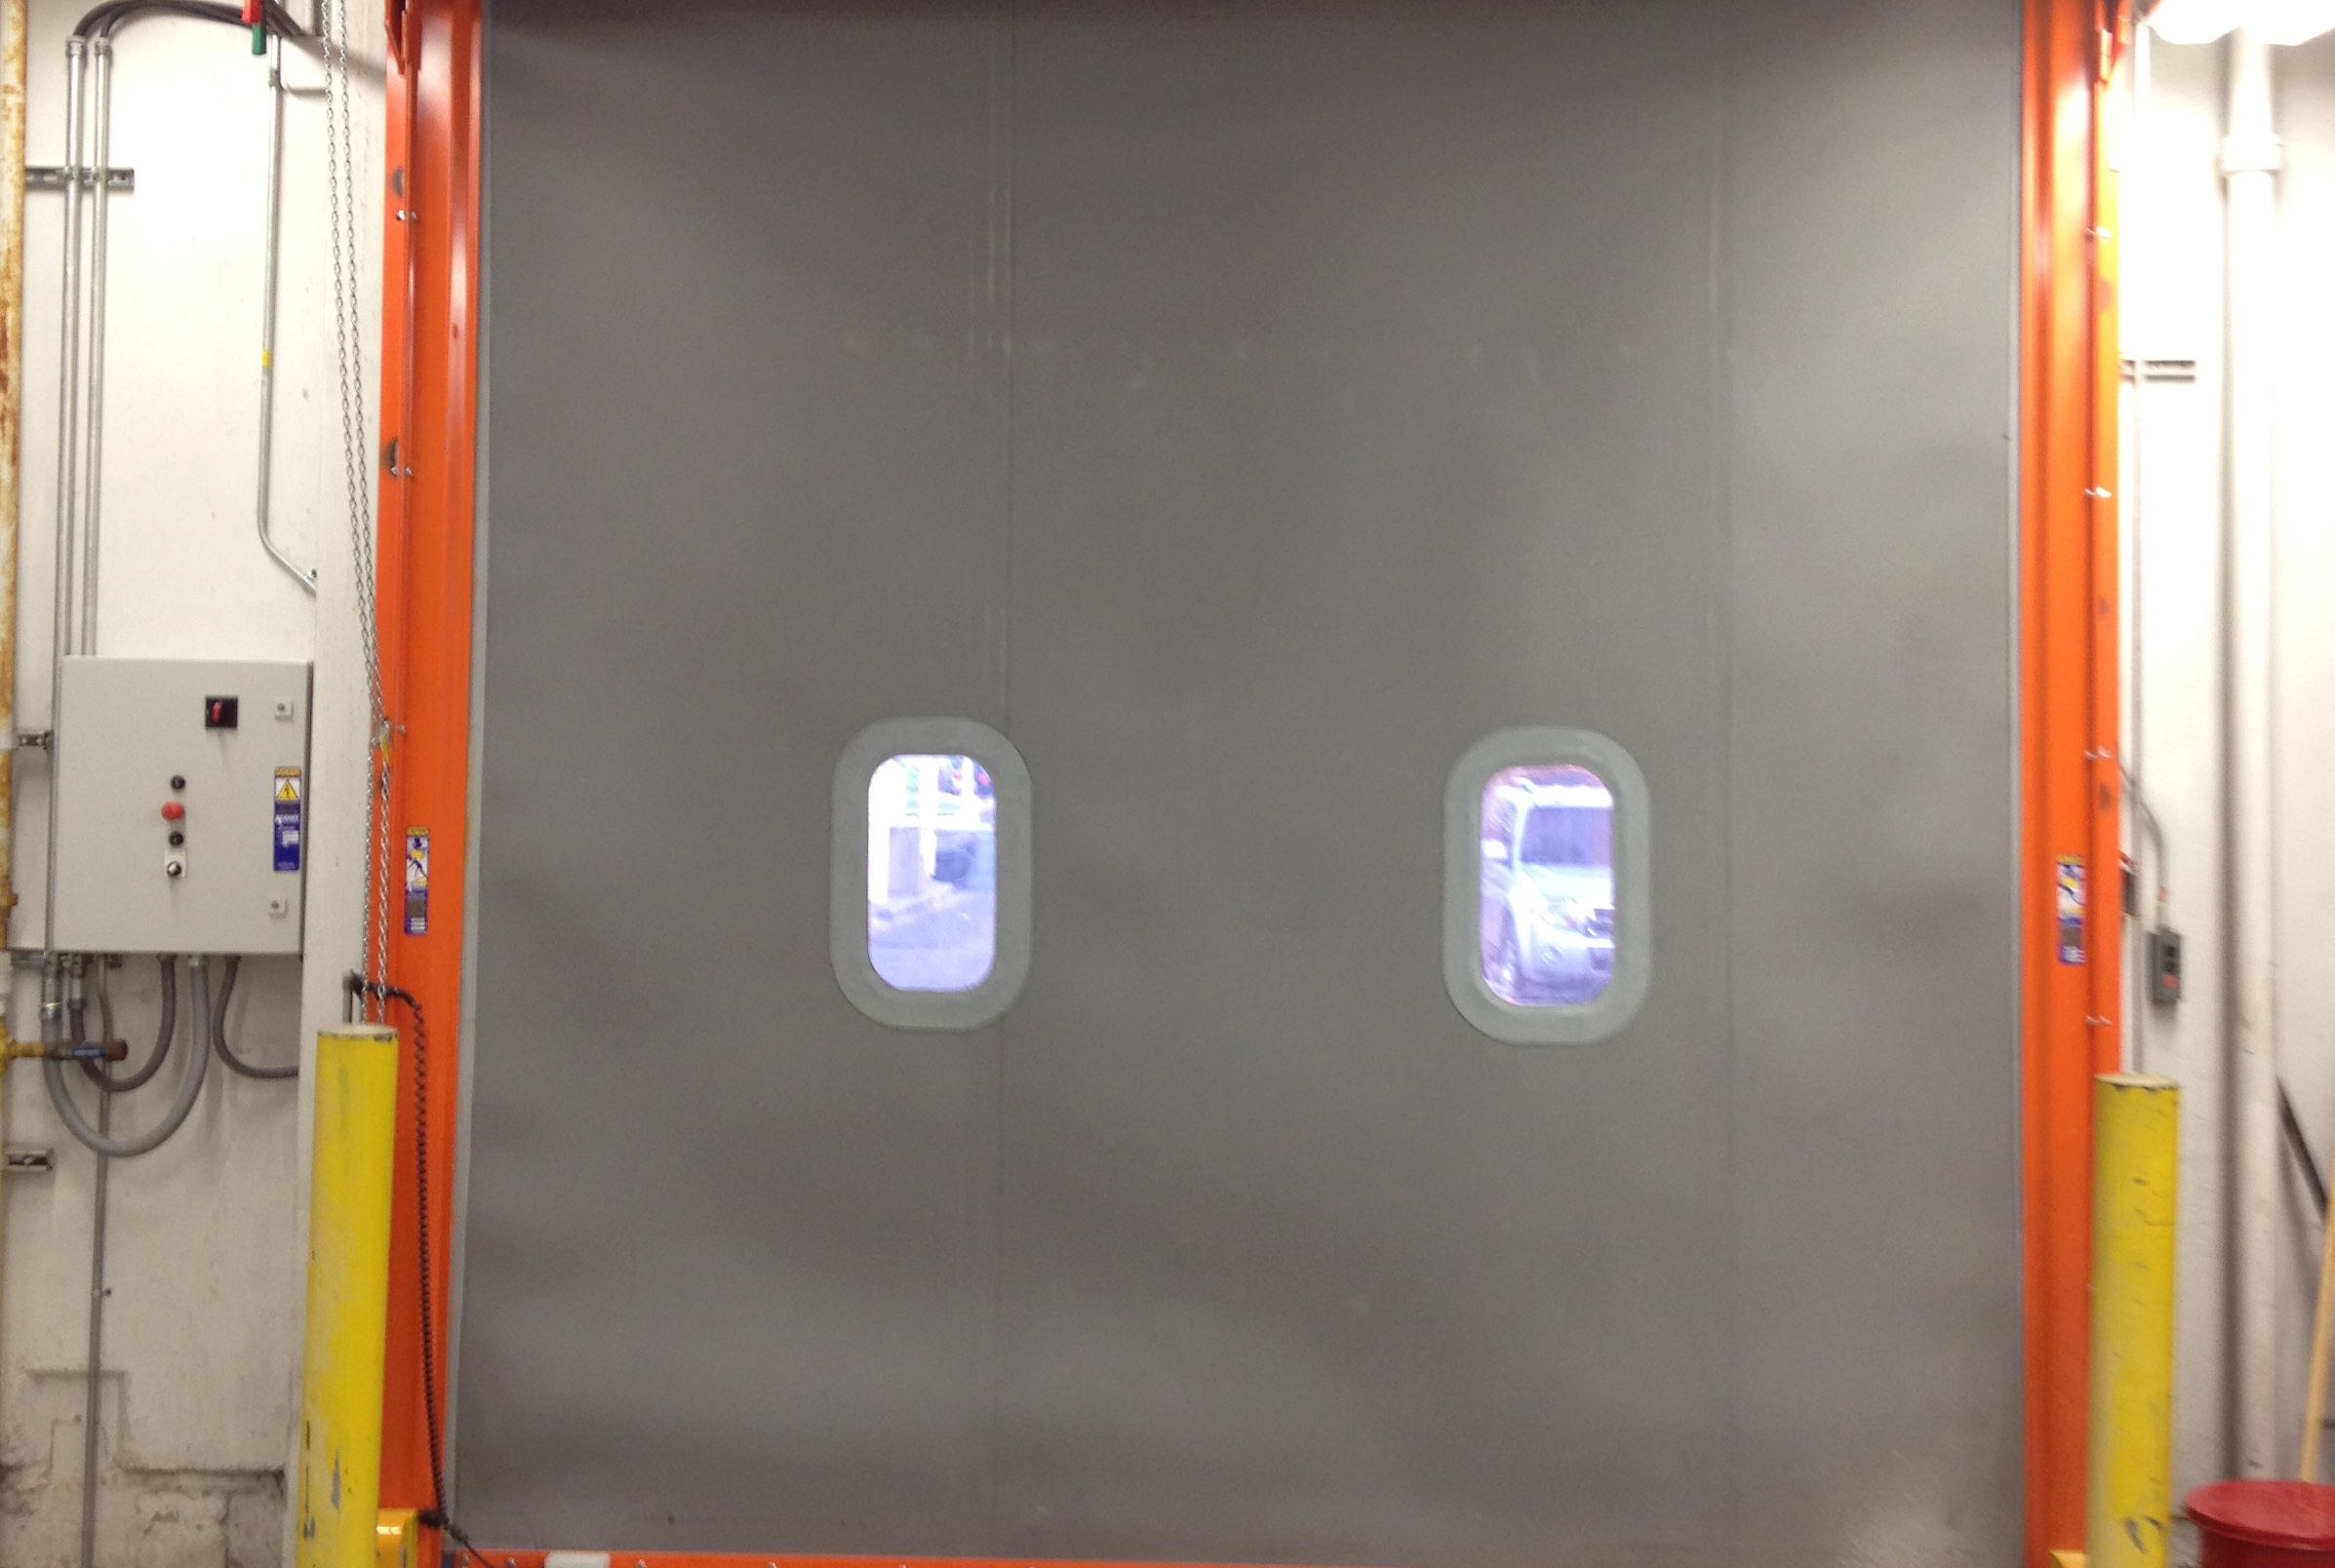 Cold Storage Doors & Reliable Door u0026 Dock Inc. - Commercial Door Repair Milwaukee ... pezcame.com